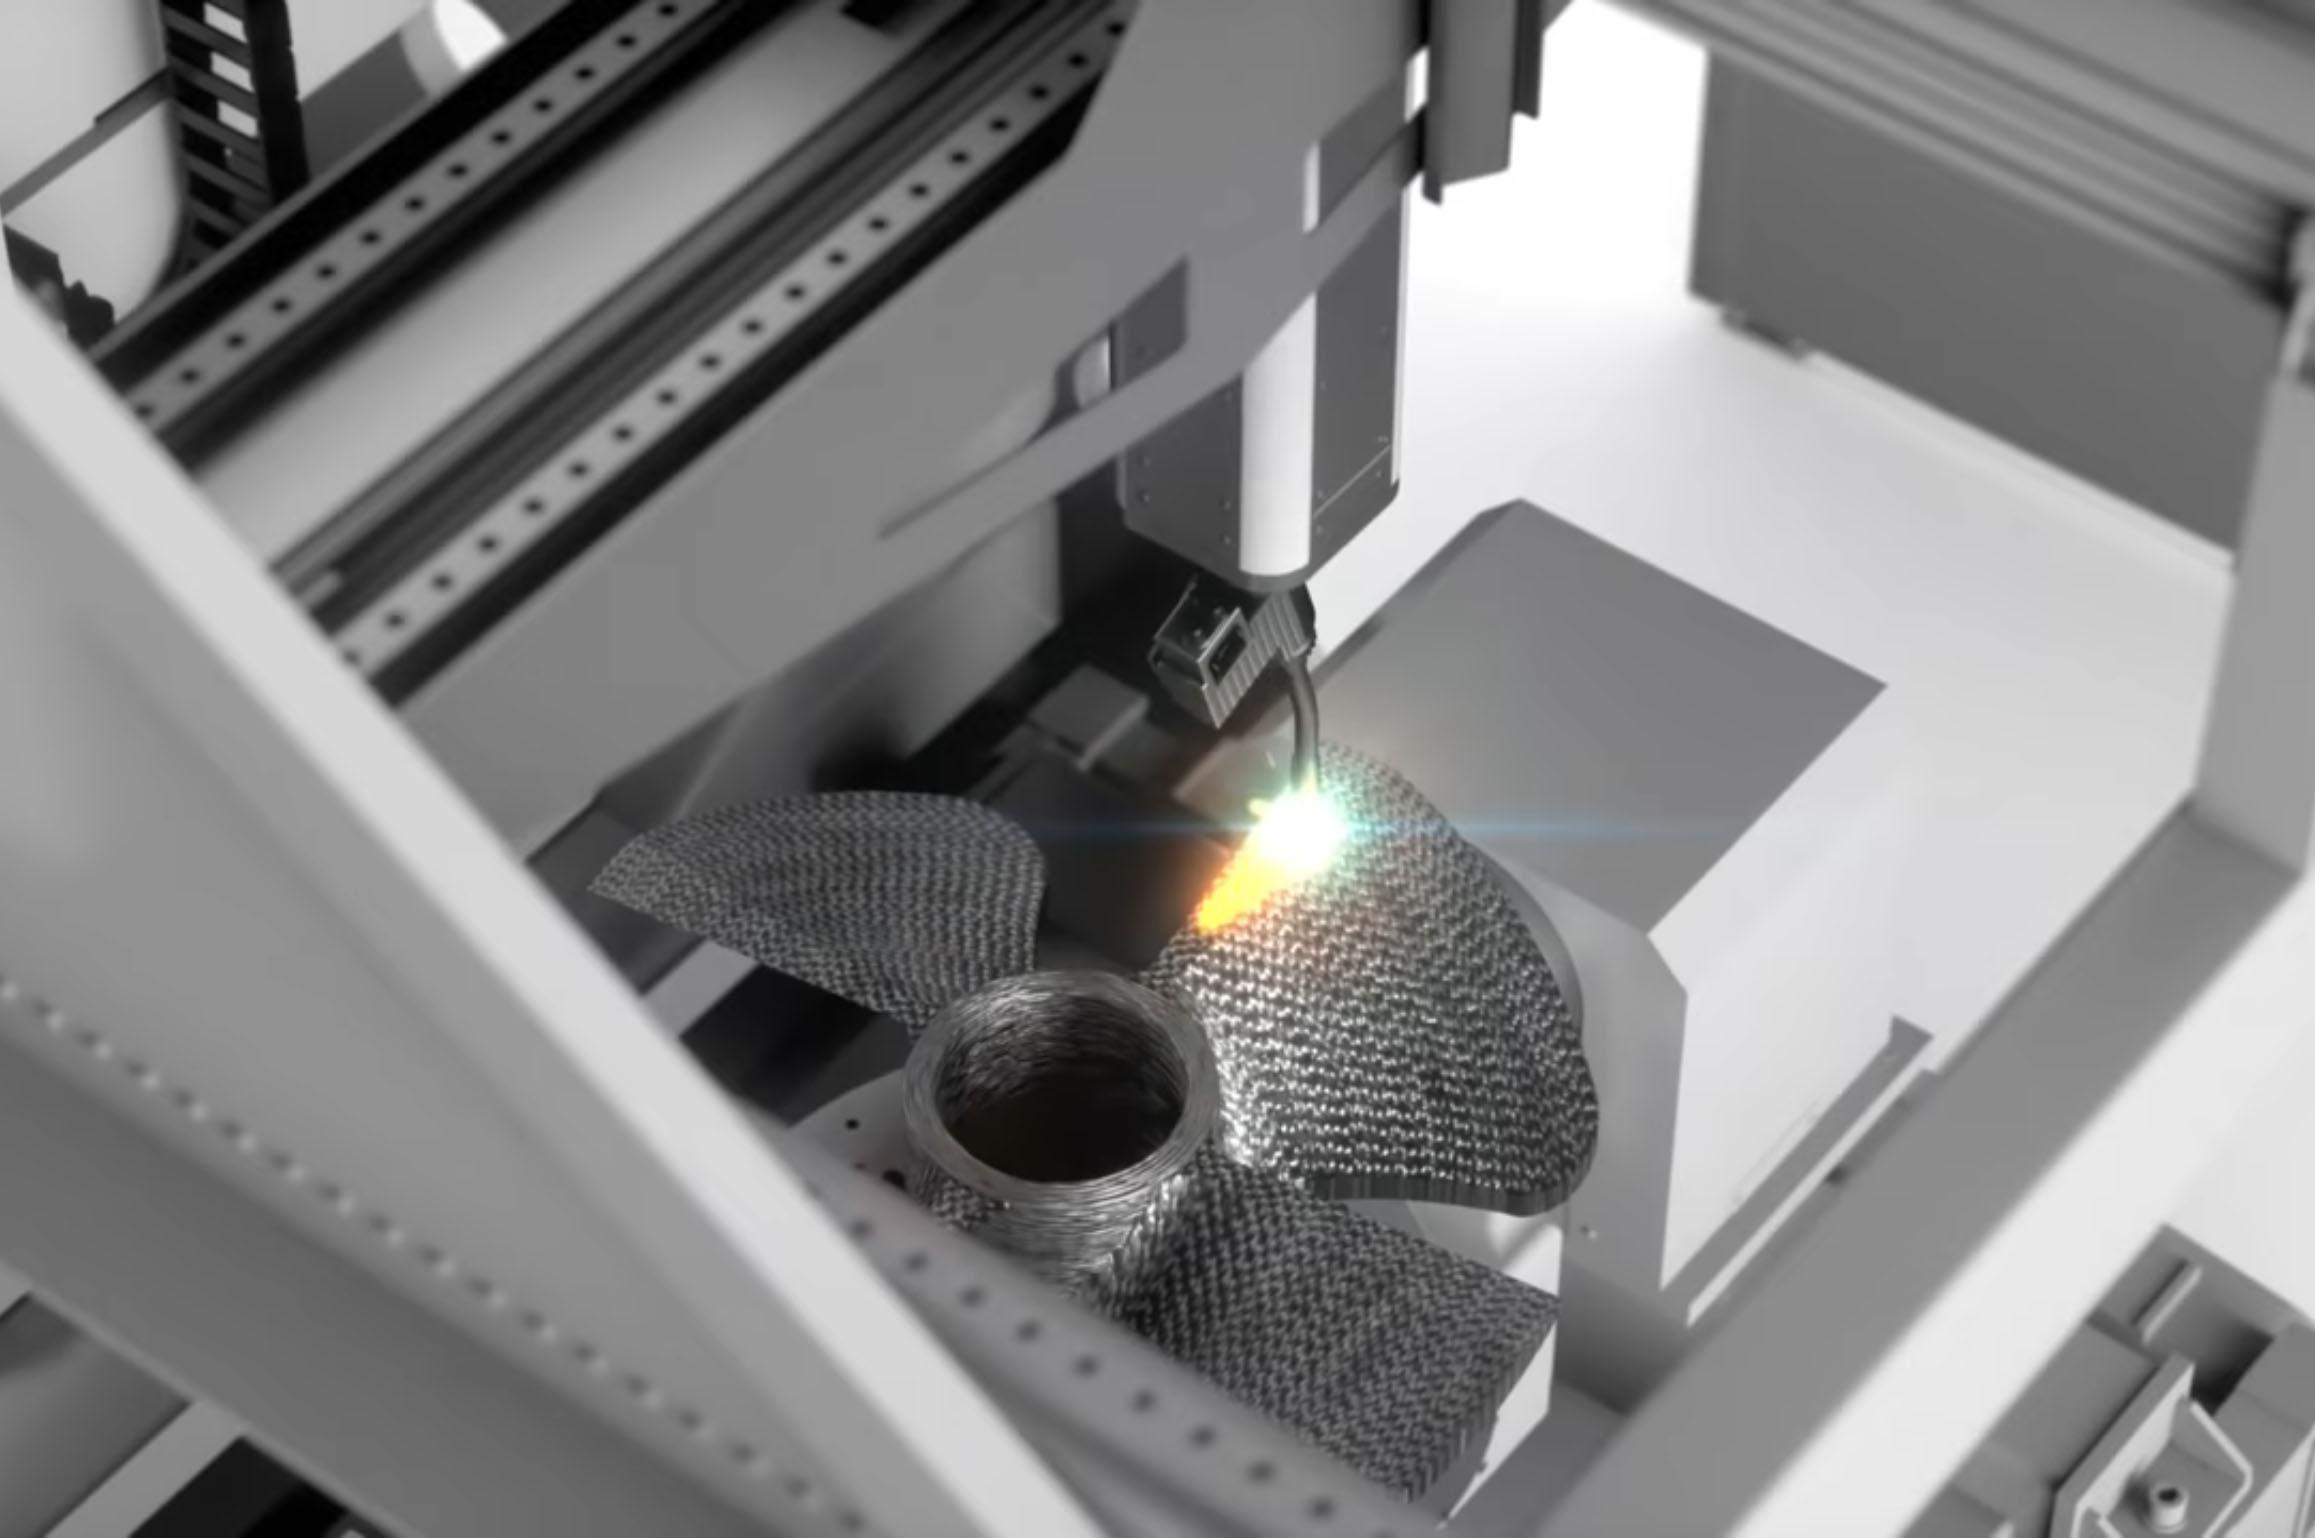 hélice en cours de fabrication sur une machine Gefertec.